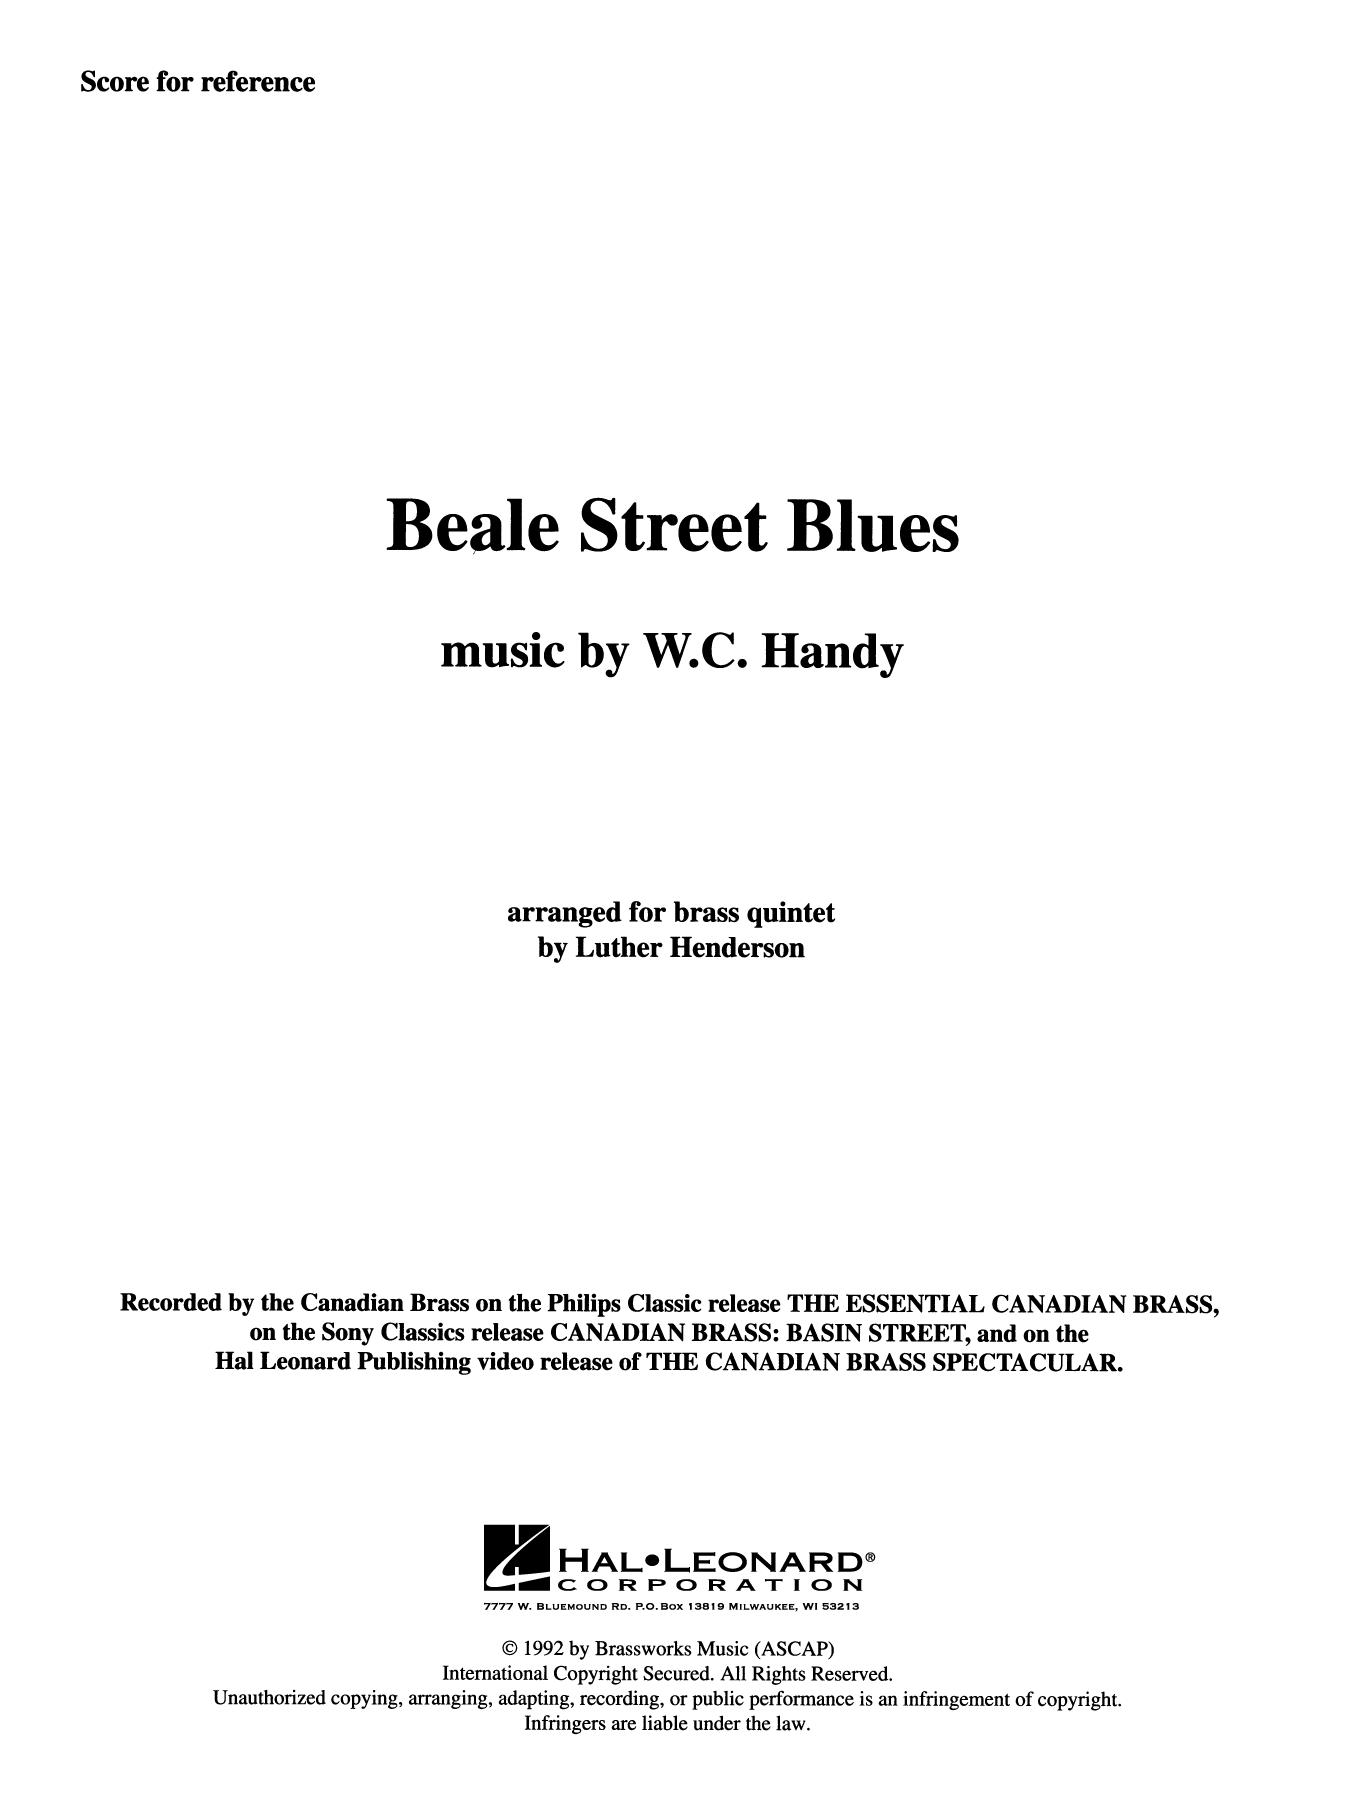 Beale Street Blues - Full Score